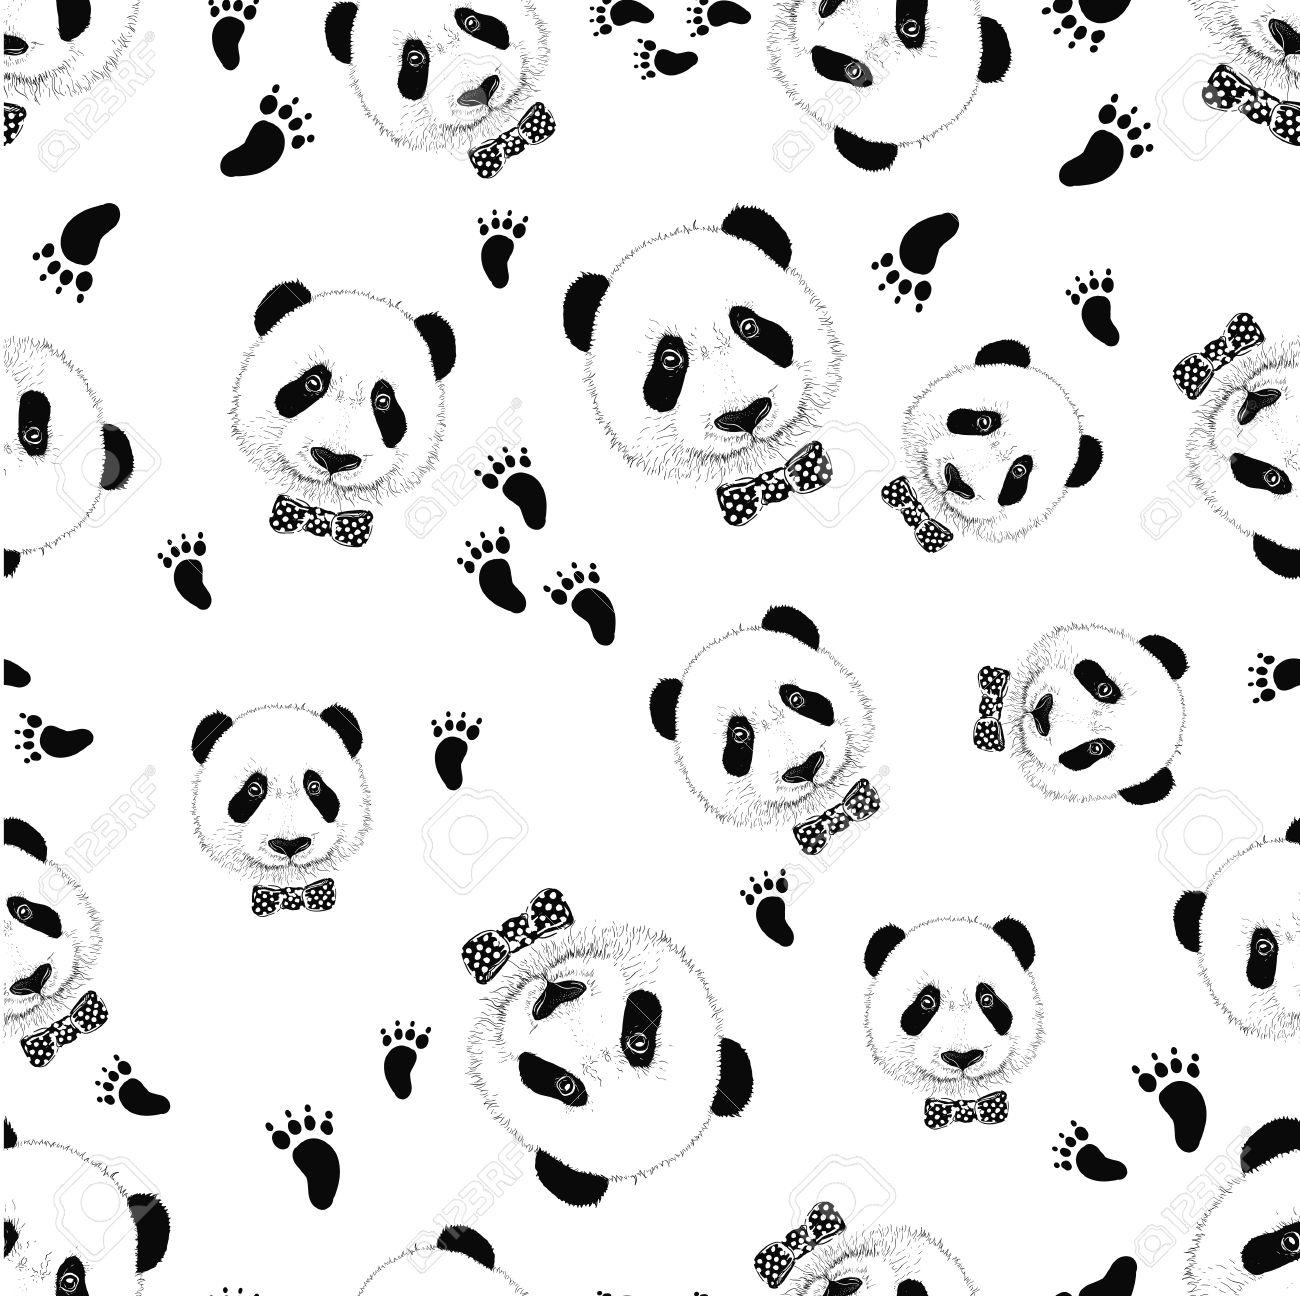 Cute panda face. Seamless wallpaper. Panda head silhouette Stock Vector - 57595833